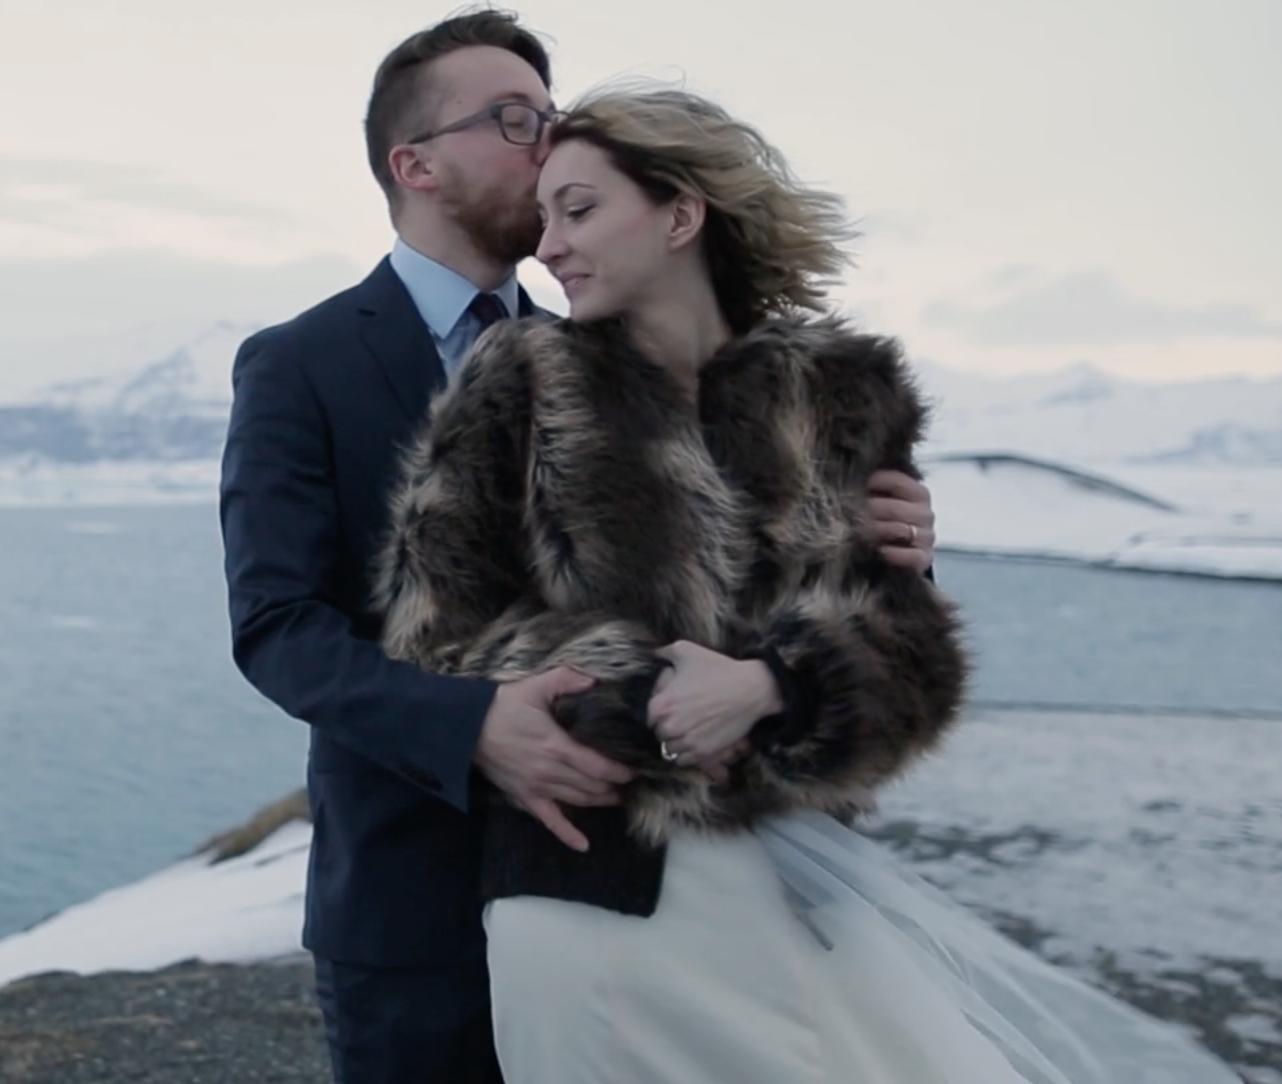 online dating Reykjavik gratis dating sites Qld